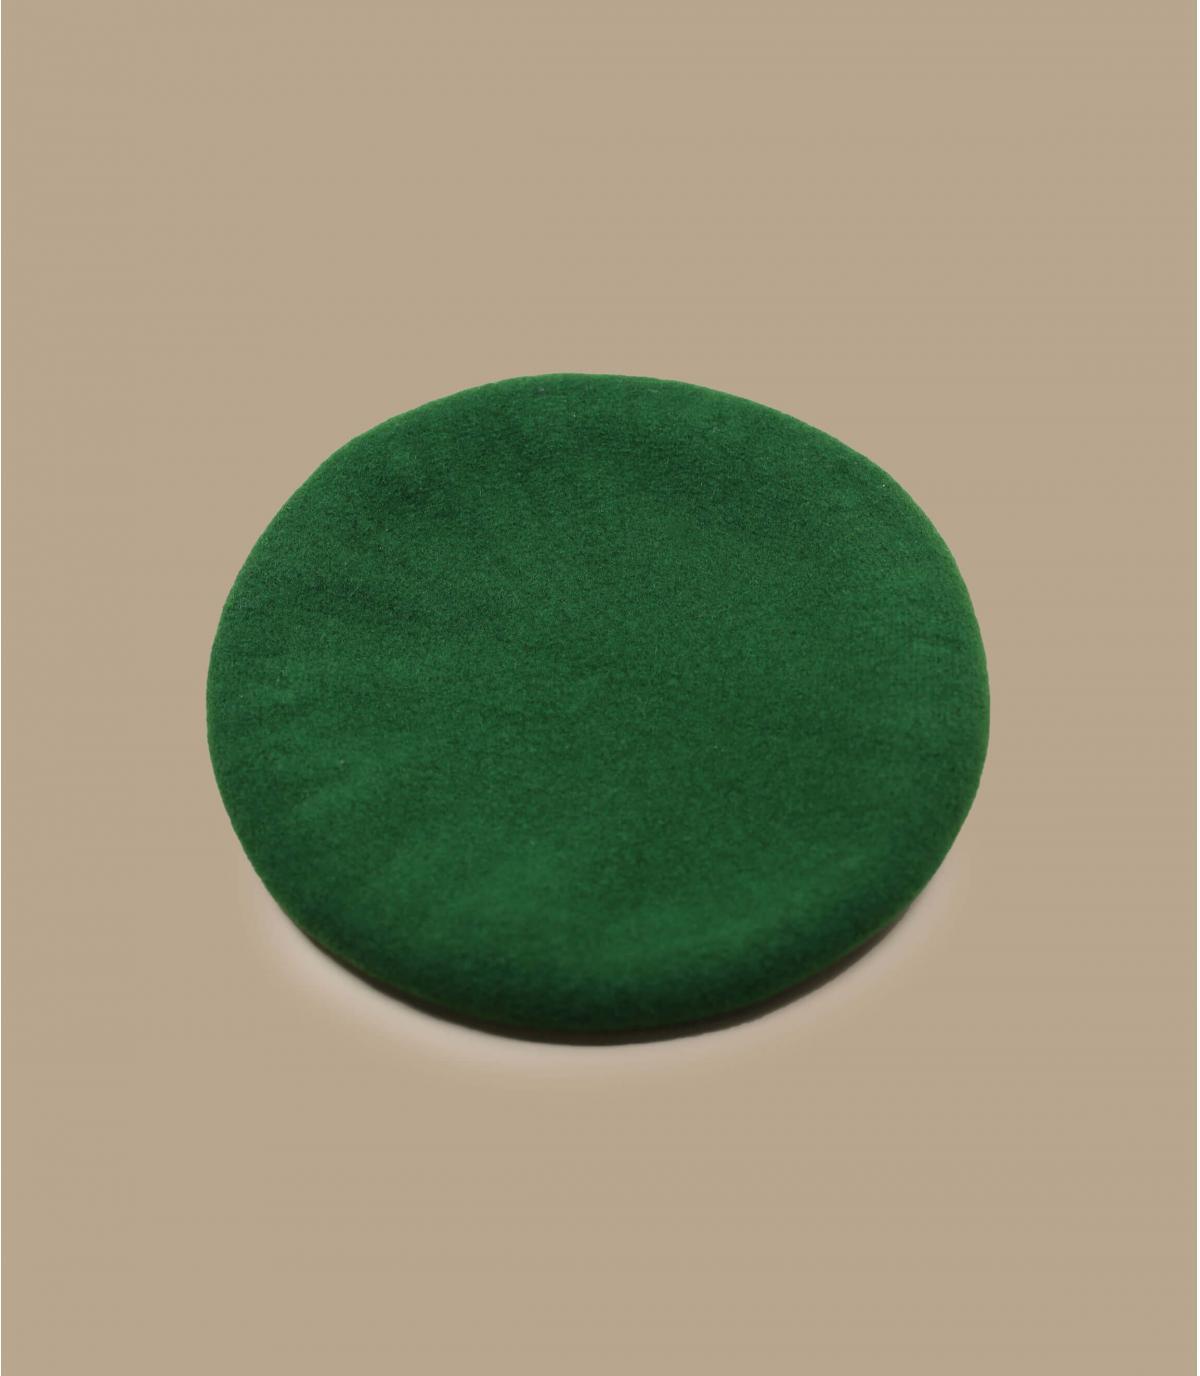 Details Béret Commando army grün - Abbildung 2